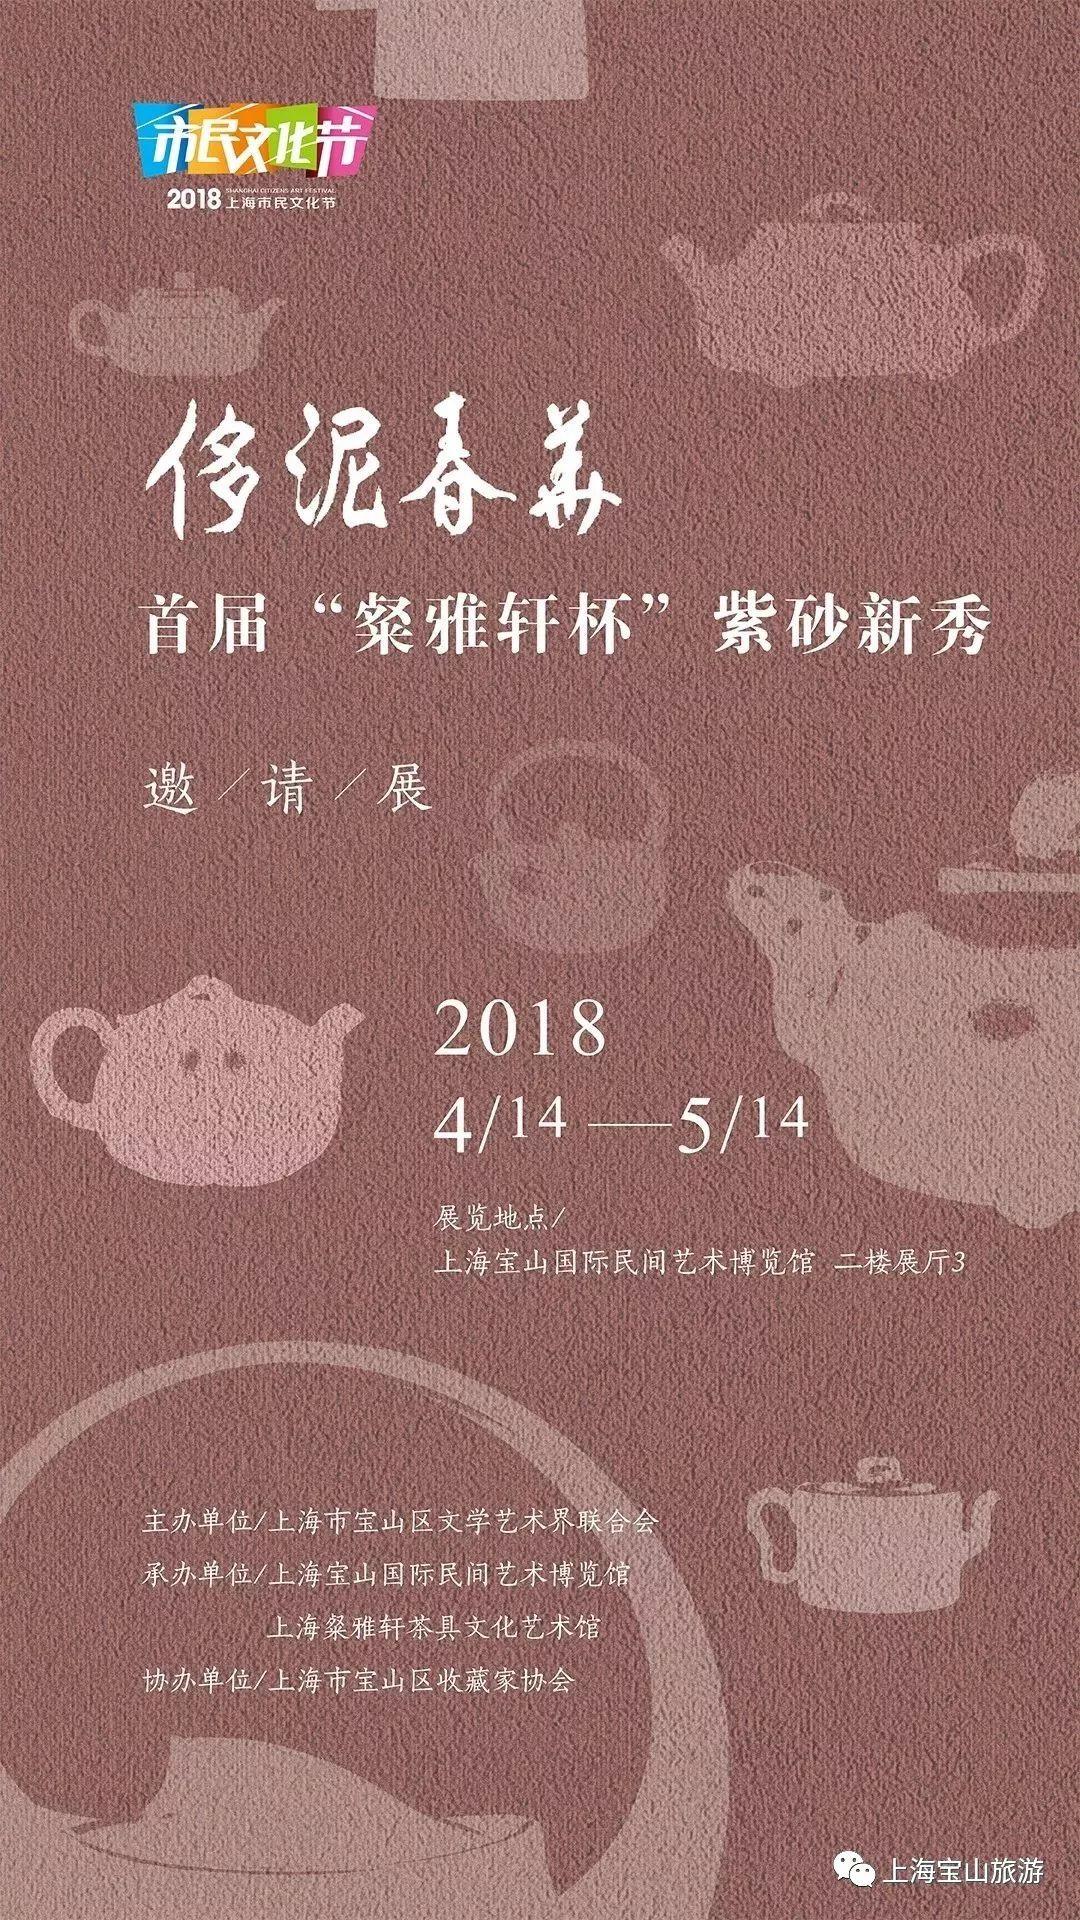 2018上海宝山五一活动及好去处推荐